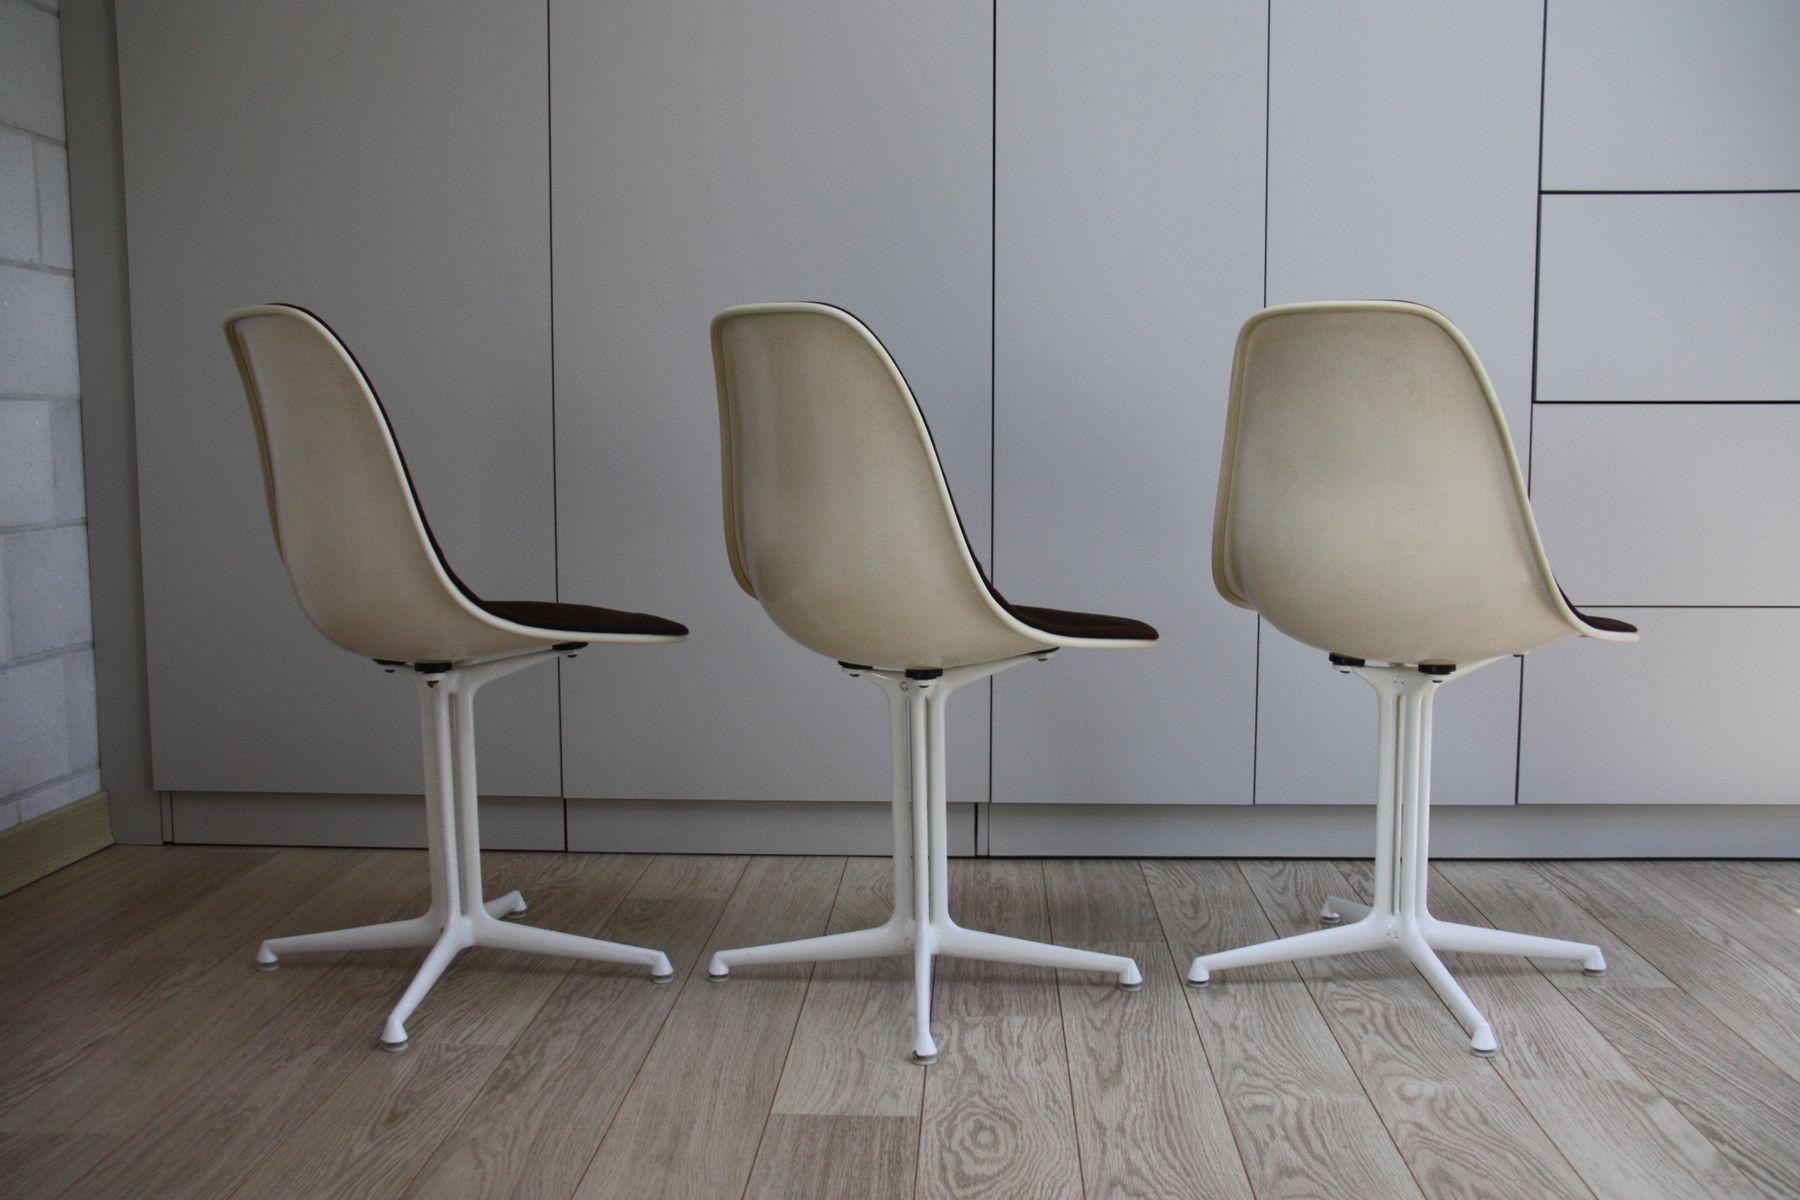 chaises la fonda par charles et ray eames pour herman miller 1961 set de 3 en vente sur pamono. Black Bedroom Furniture Sets. Home Design Ideas